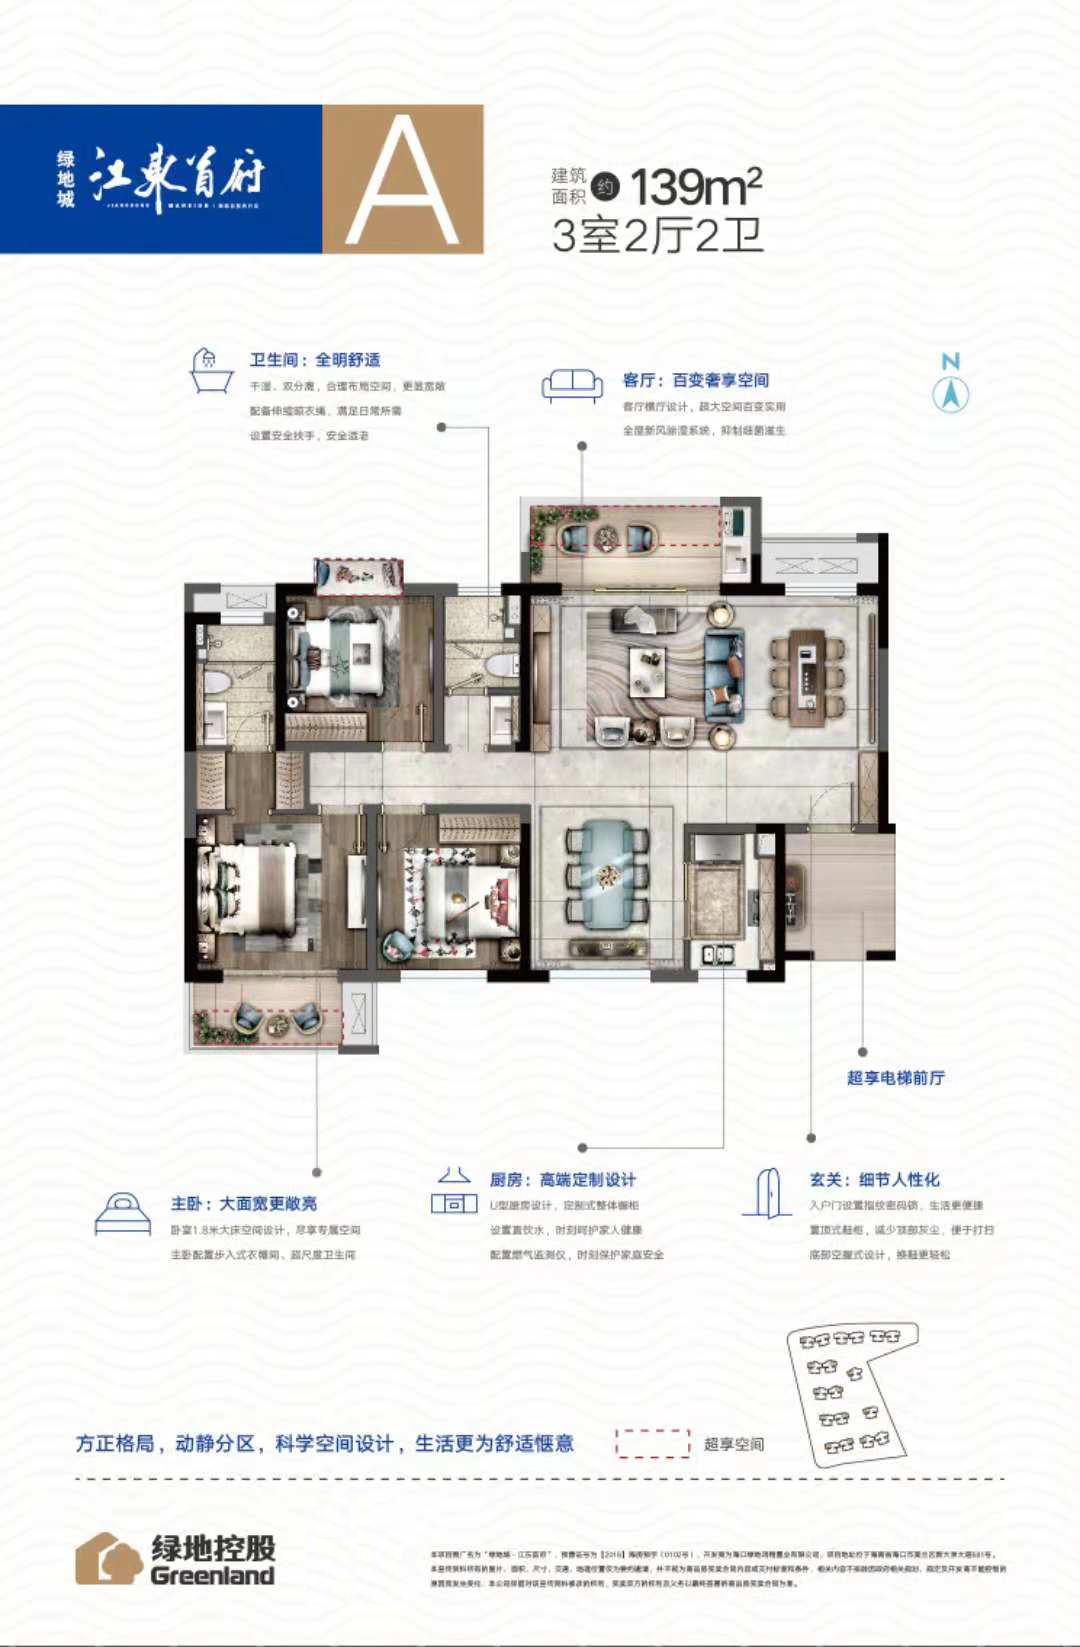 绿地城江东首府3室2厅2卫 (建筑面积:139.00㎡)